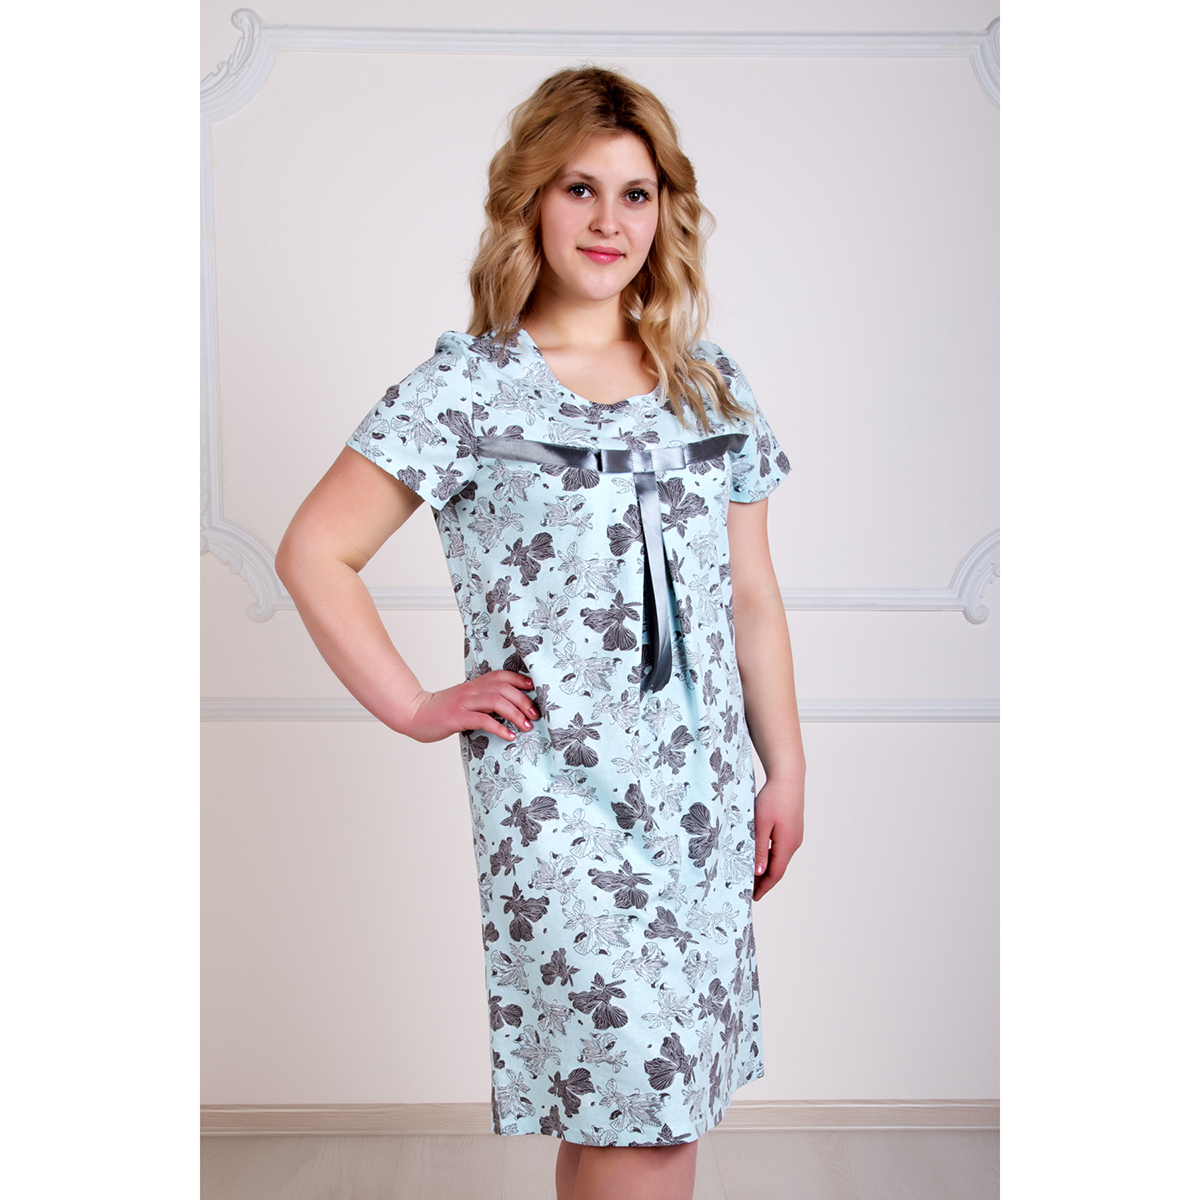 Женская сорочка Лилия, размер 48Пижамы и ночные сорочки<br>Обхват груди:96 см<br>Обхват талии:78 см<br>Обхват бедер:104 см<br>Рост:167 см<br><br>Тип: Жен. сорочка<br>Размер: 48<br>Материал: Кулирка